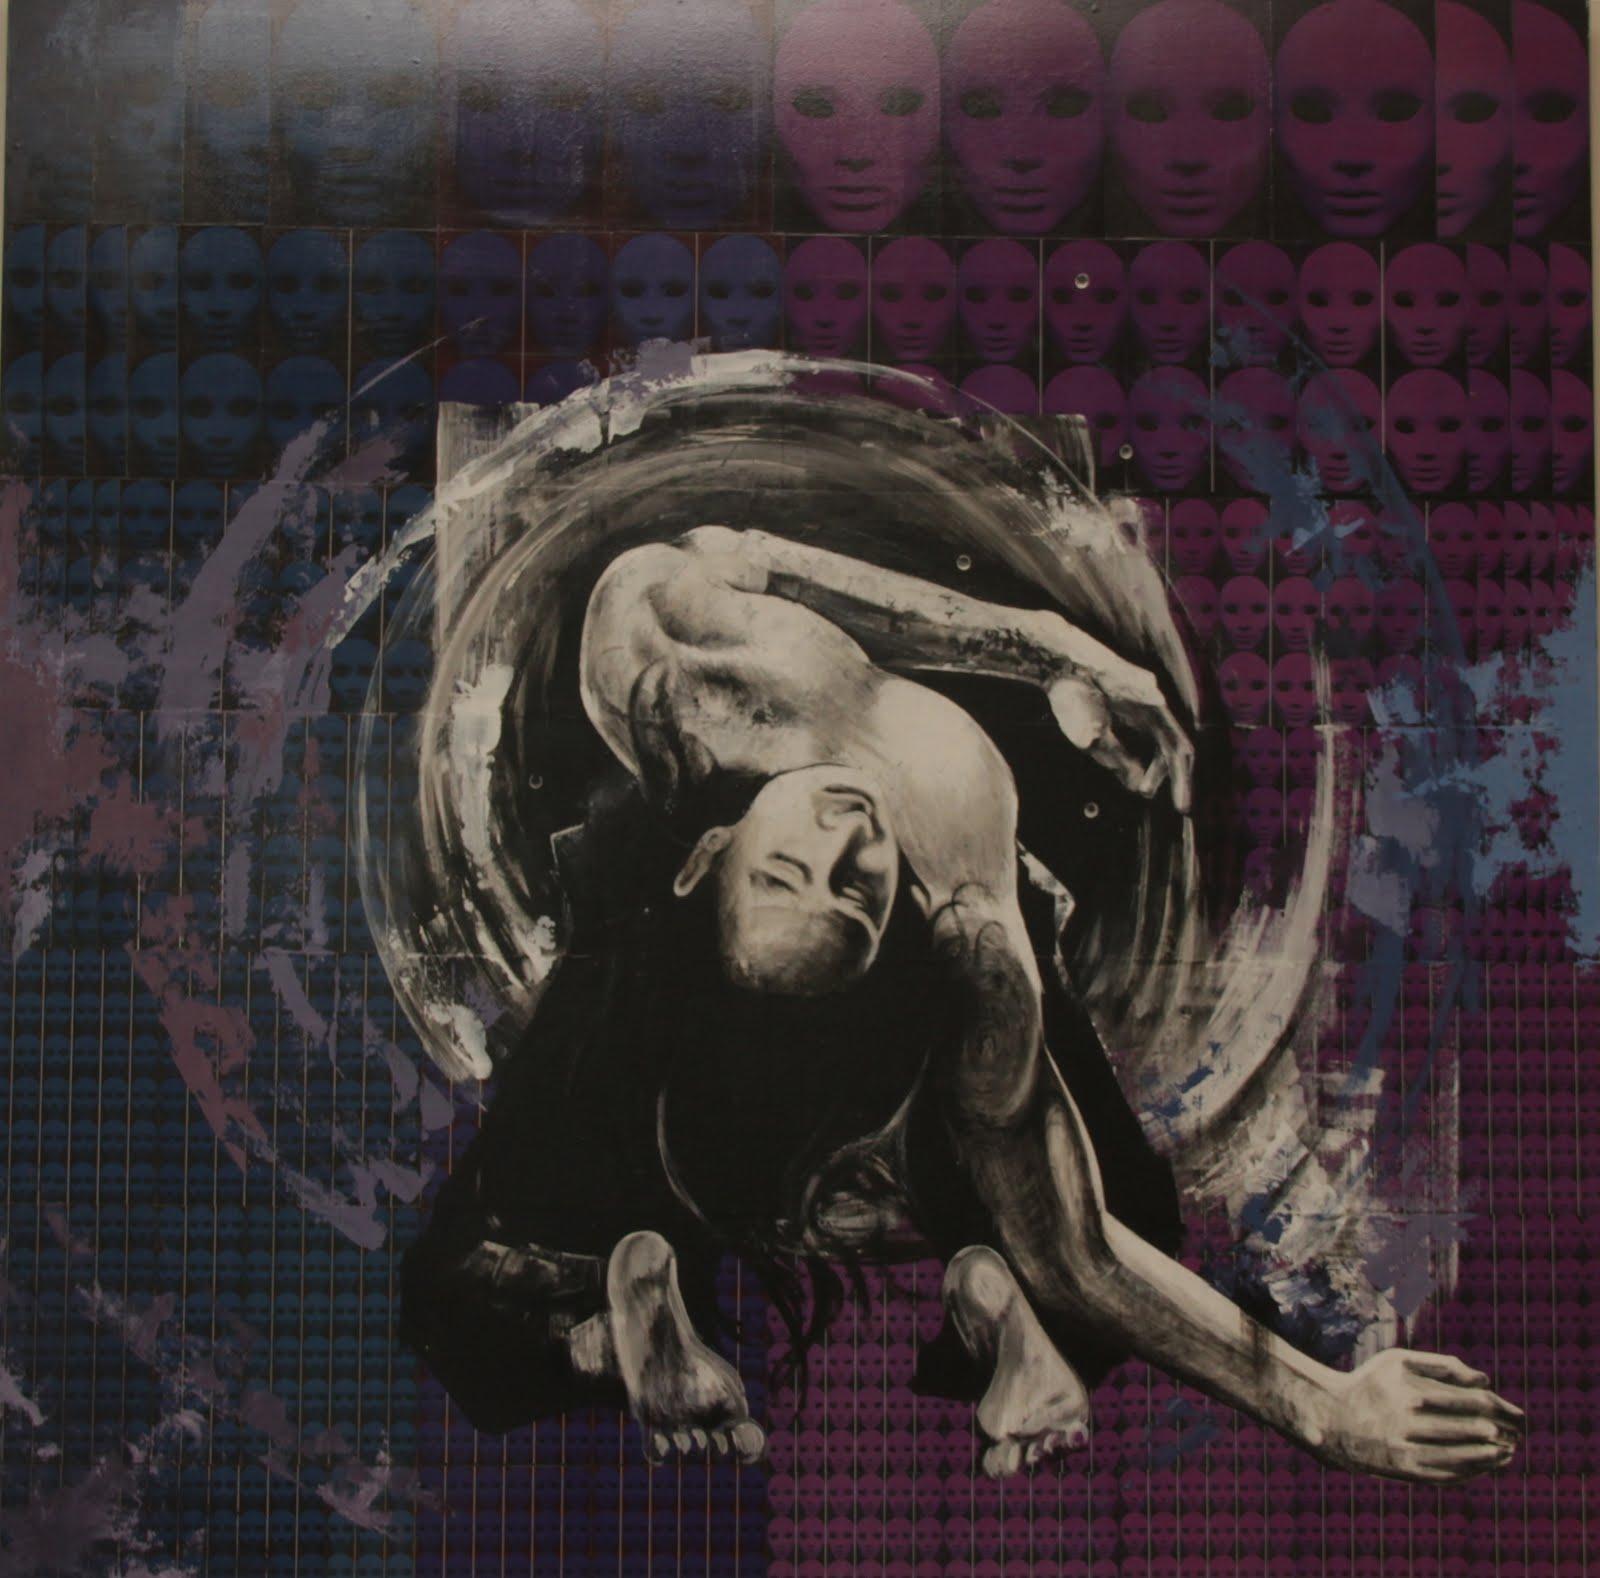 Solange Alves, Fractal 2 - Rasgando o Véu, Colagem/Acrílica sobre madeira, 140X140 cm